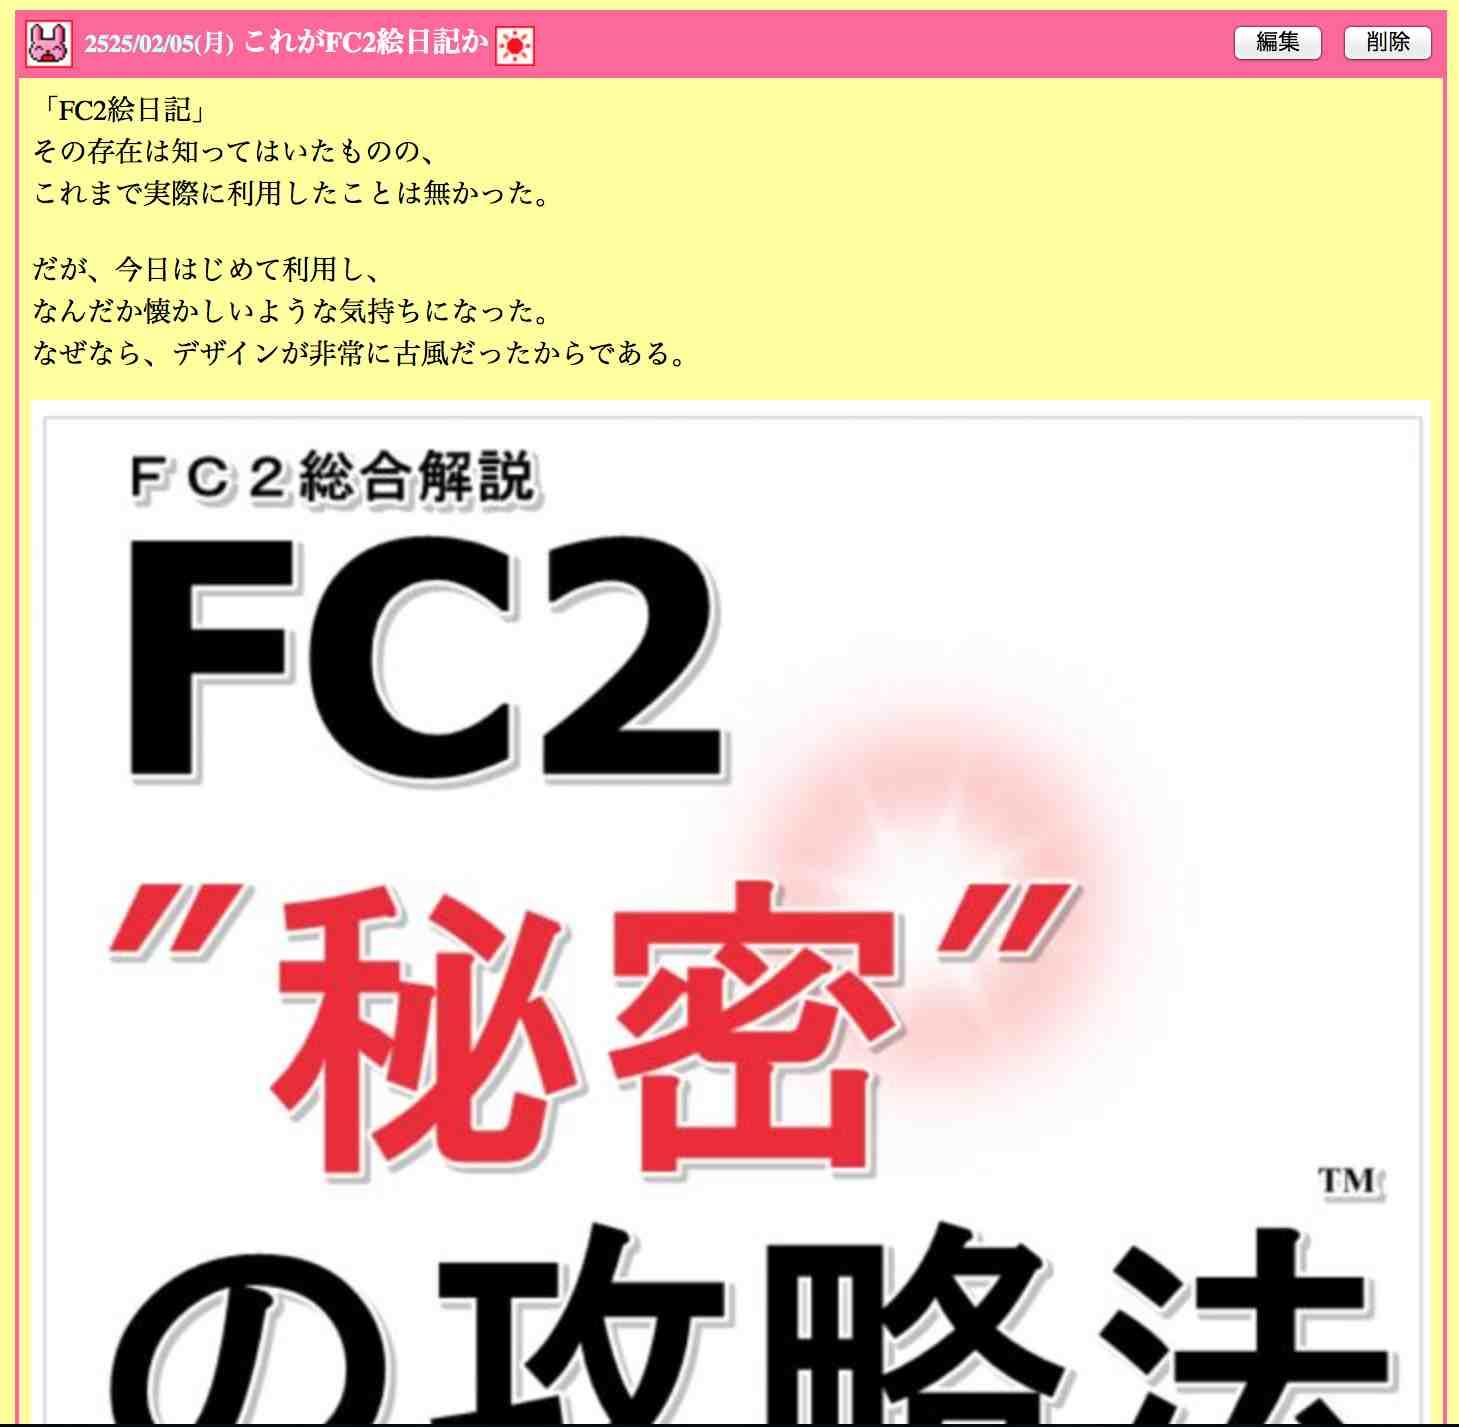 FC2絵日記とは